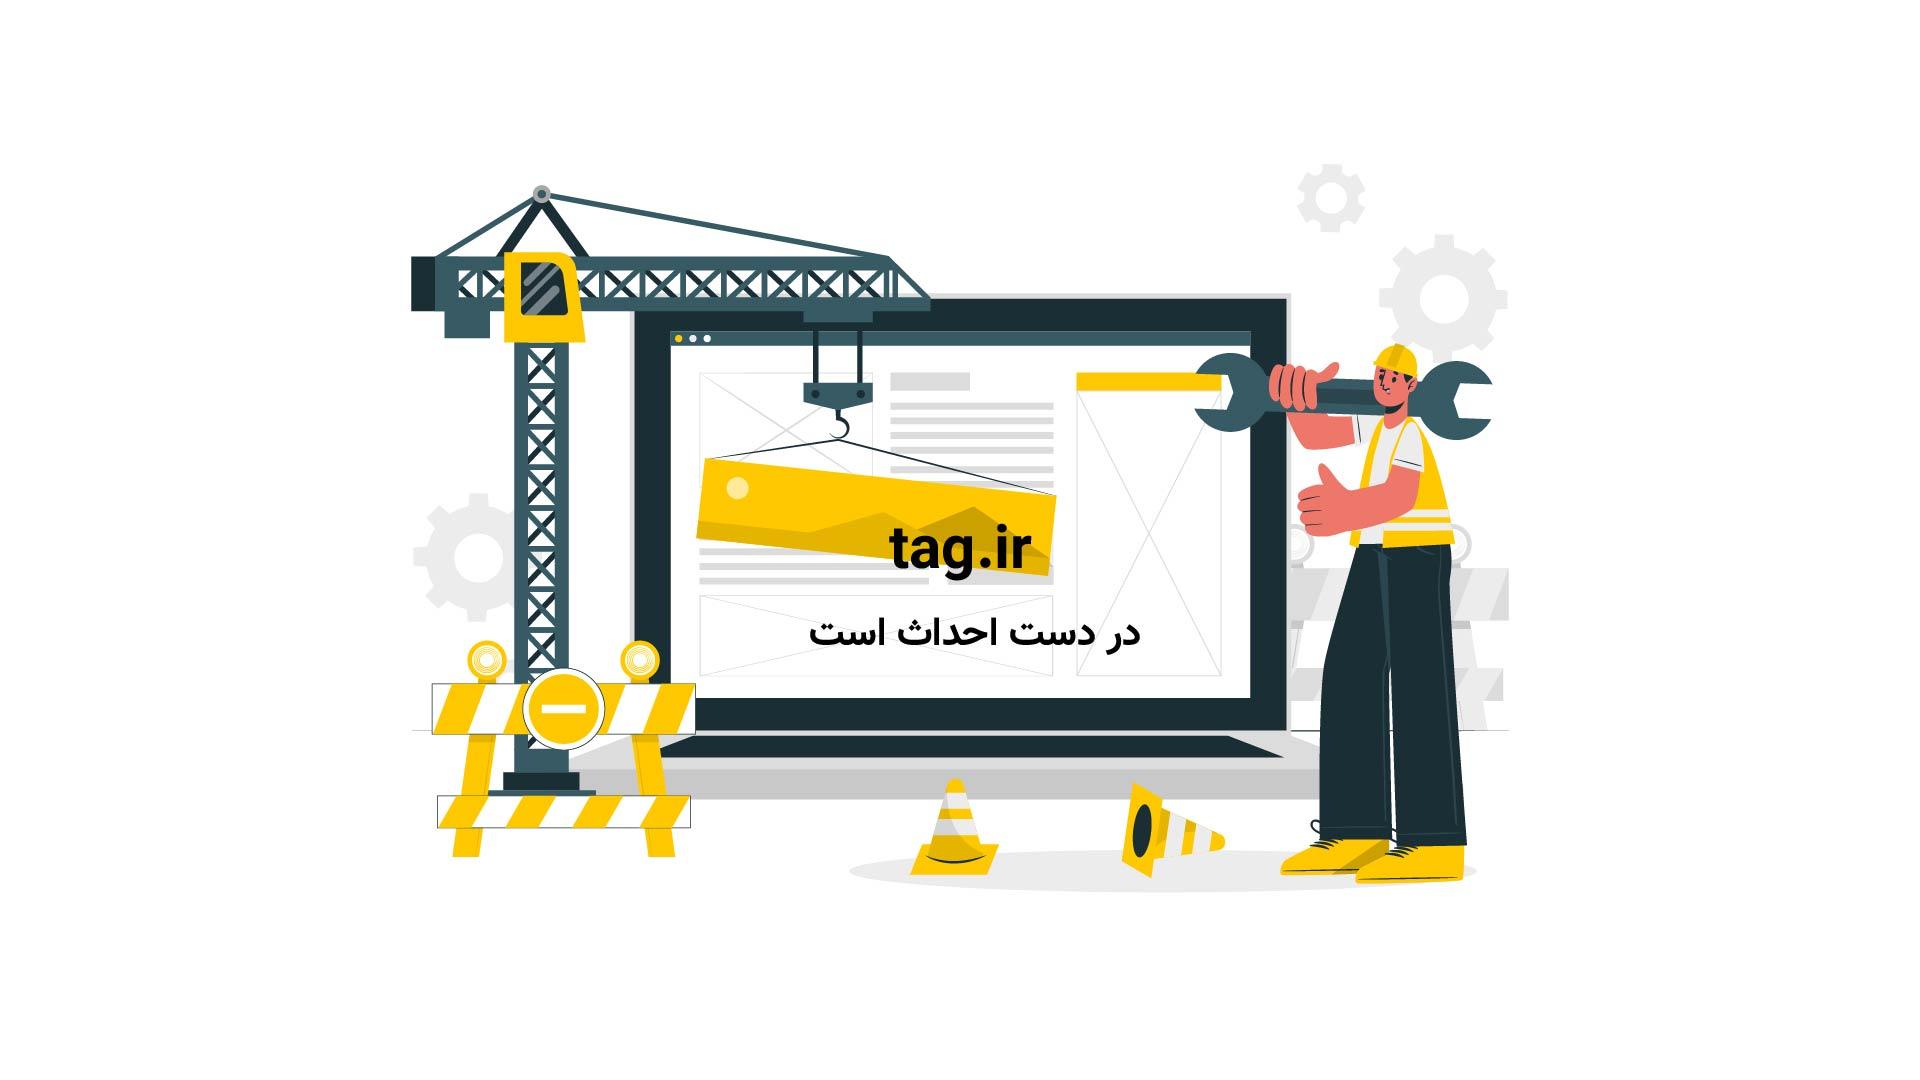 مداحی حاج محمود کریمی در امامزاده علی اکبر چیذر به مناسبت ایام محرم | فیلم